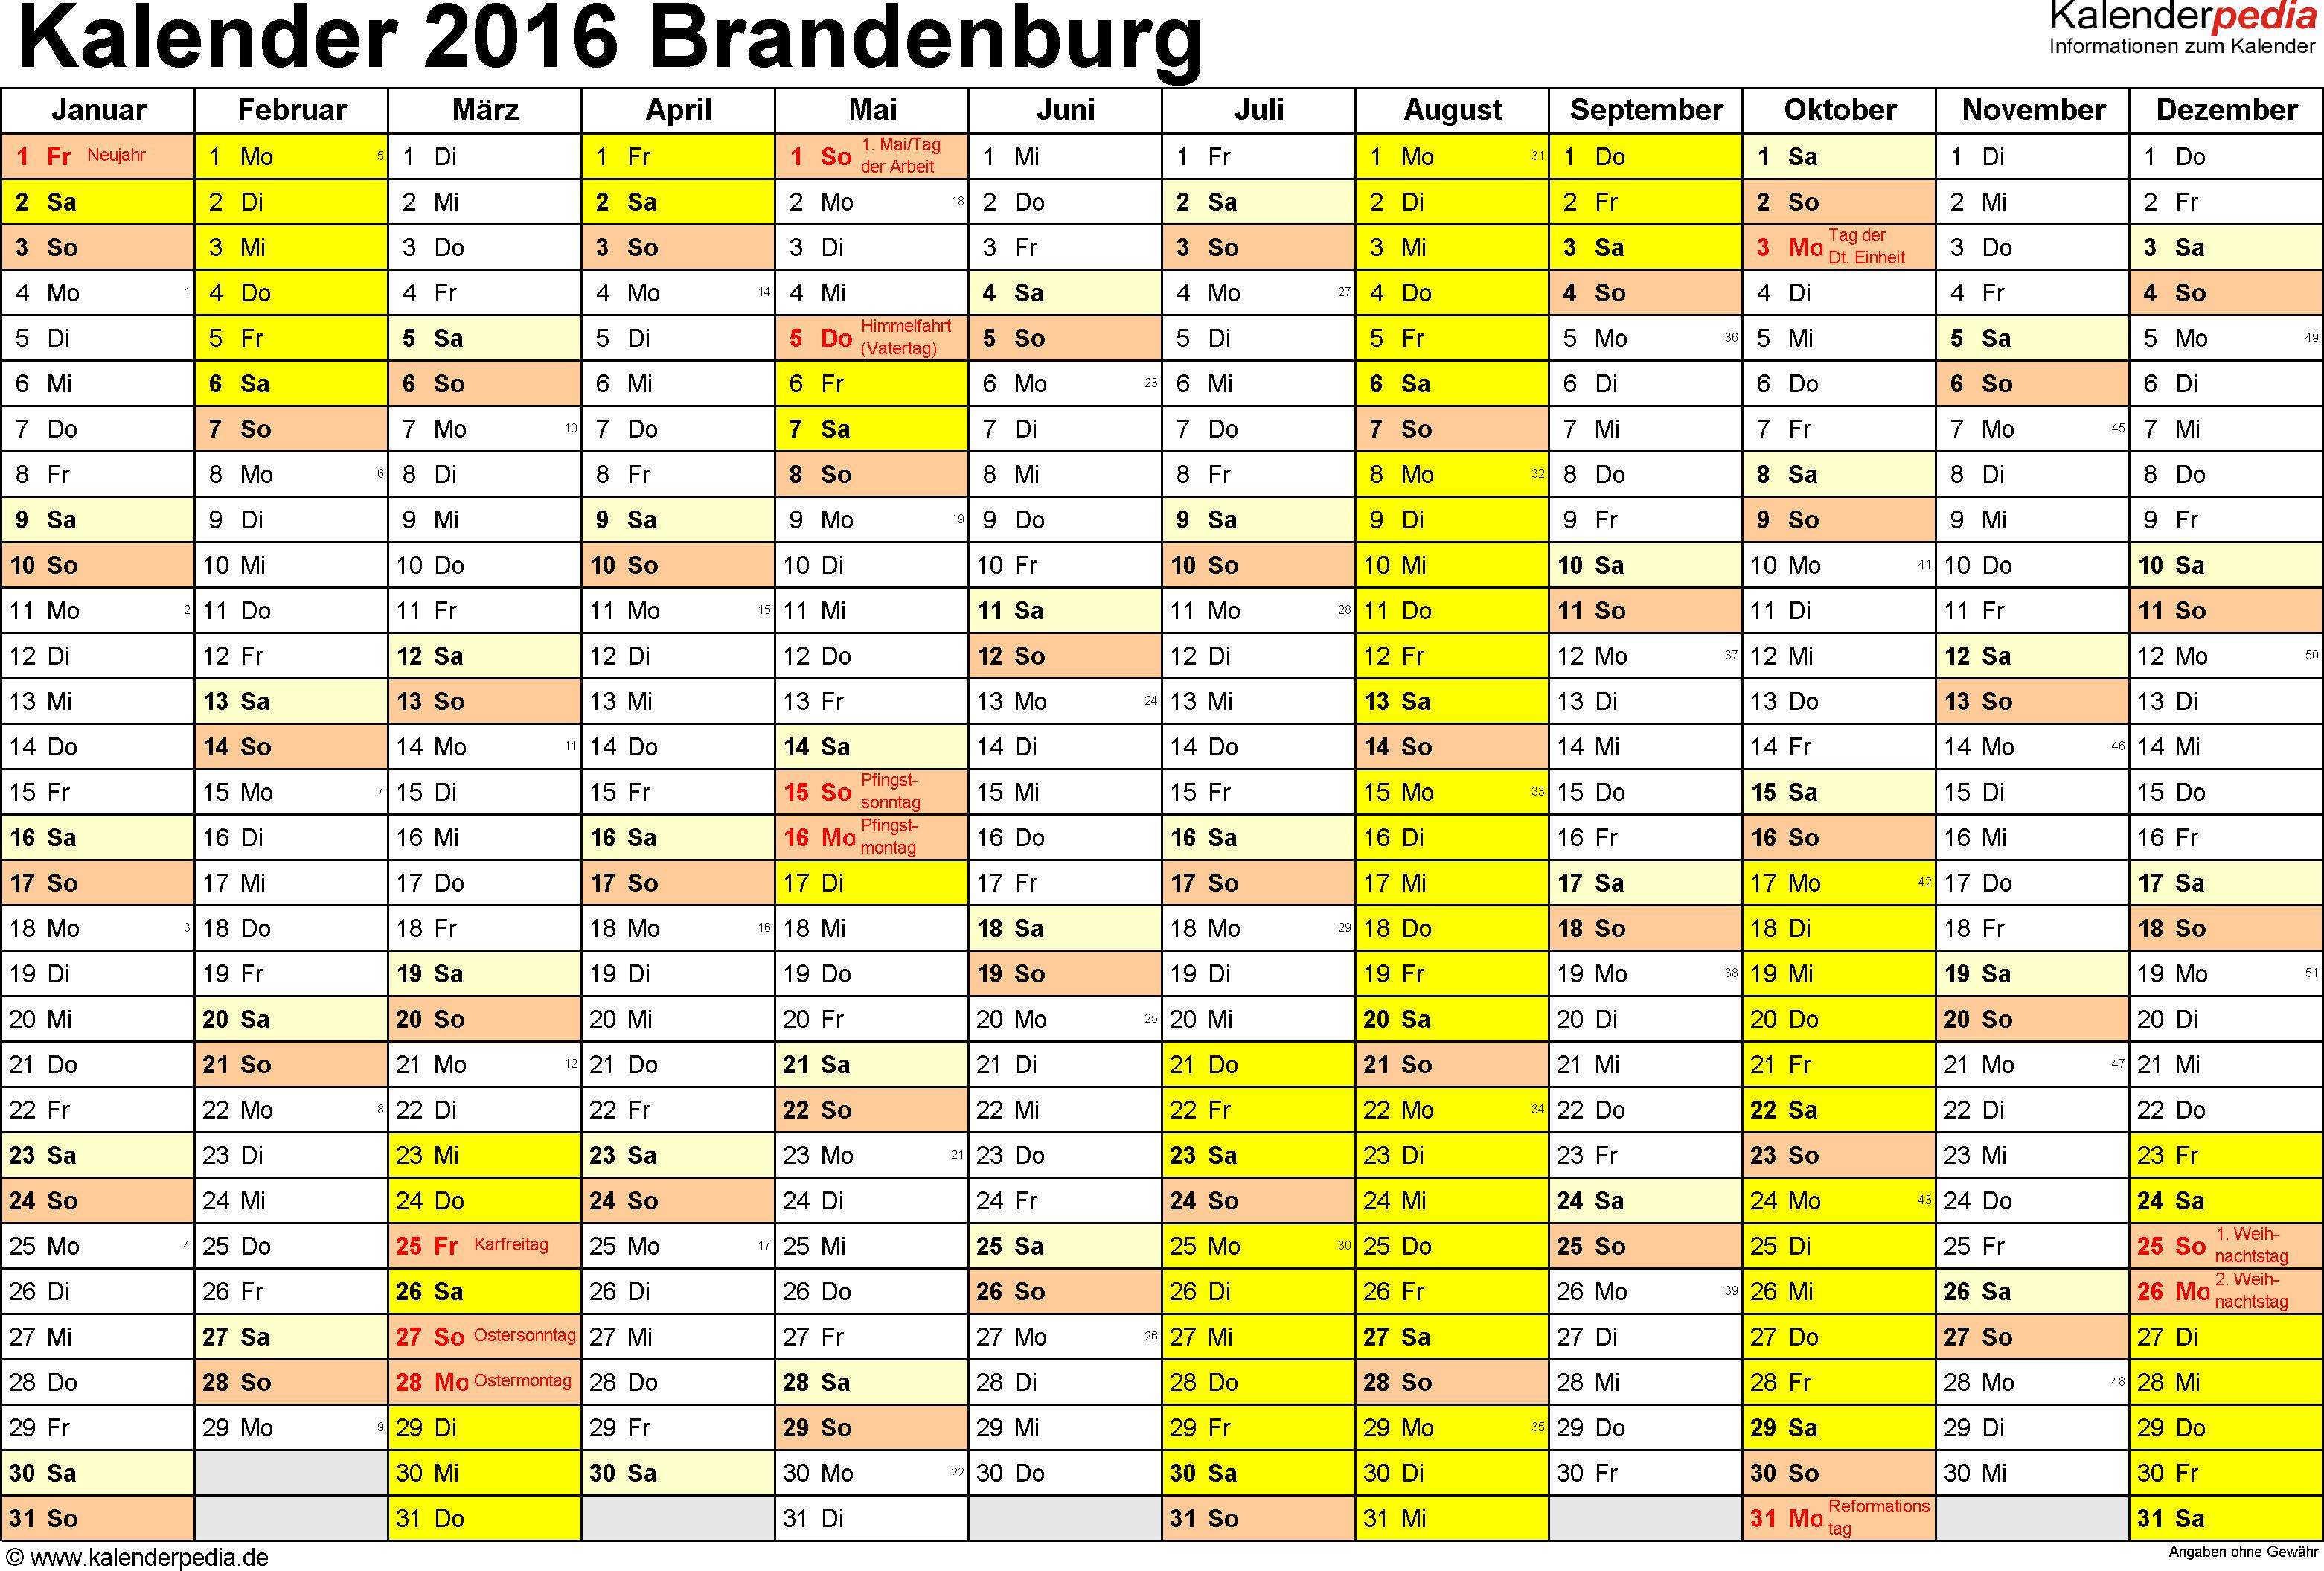 Kalender 2016 f r Brandenburg mit Ferien und Feiertagen als